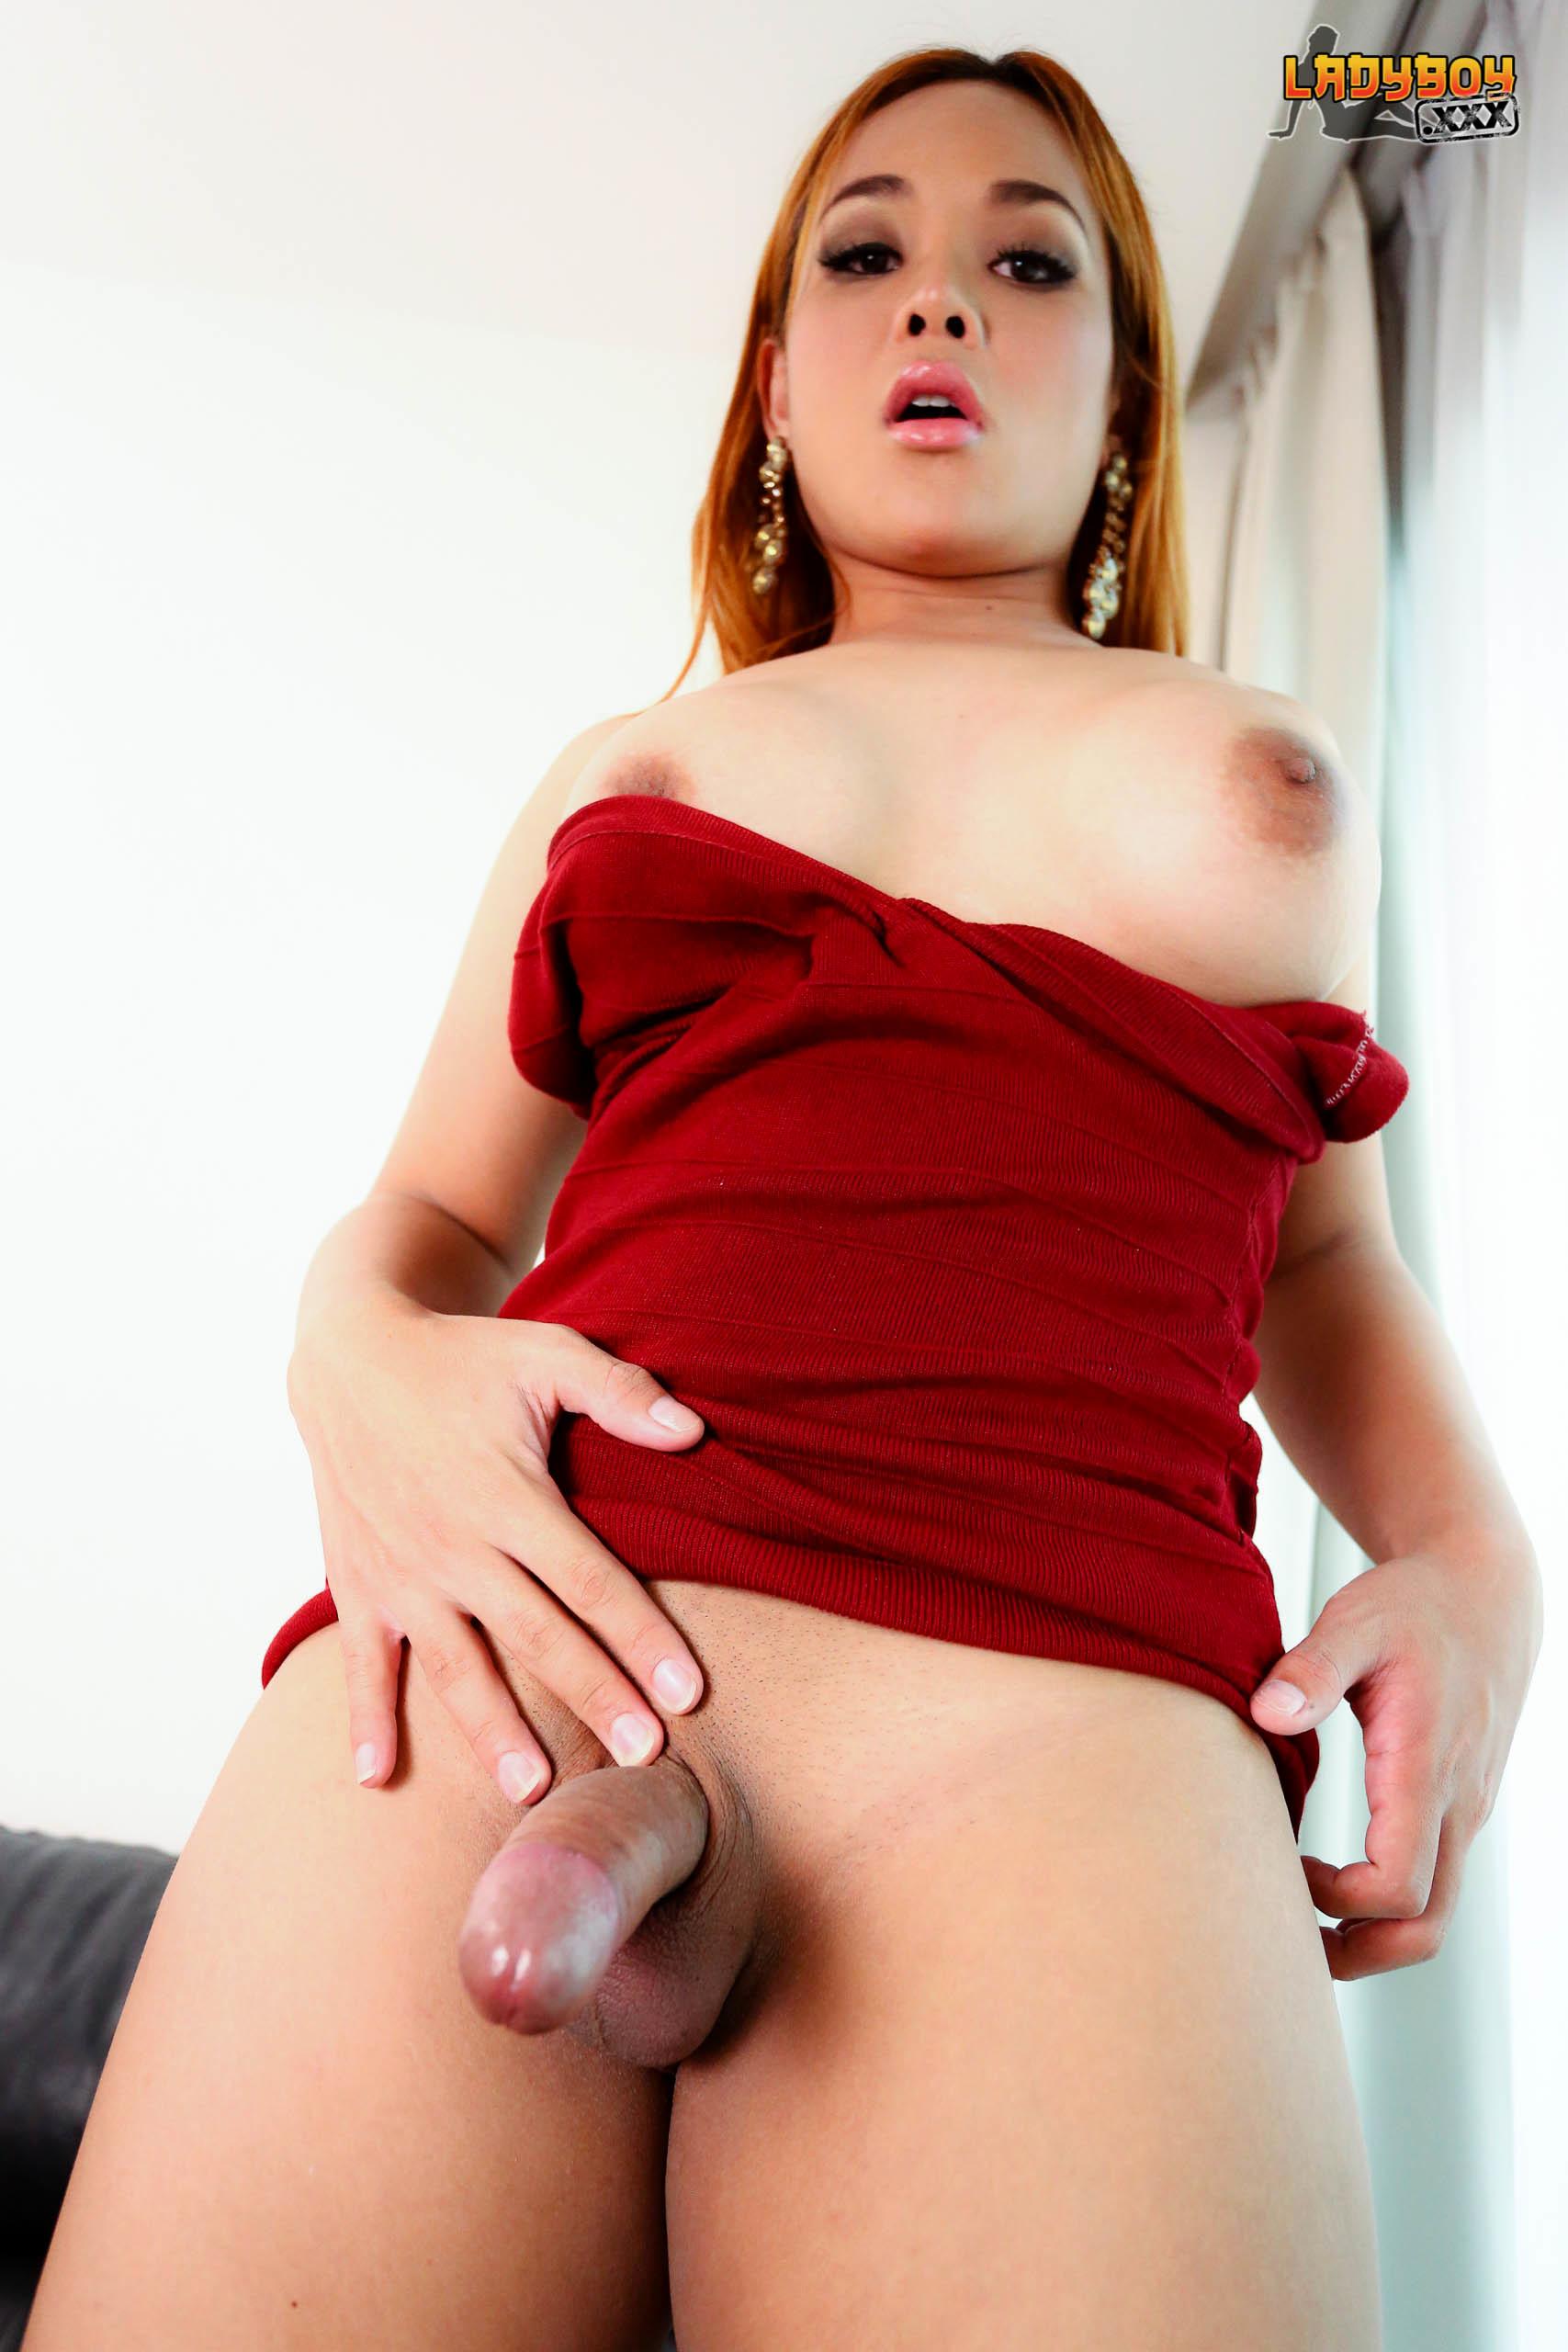 Red Sensuous Angie's Creamy Cum!